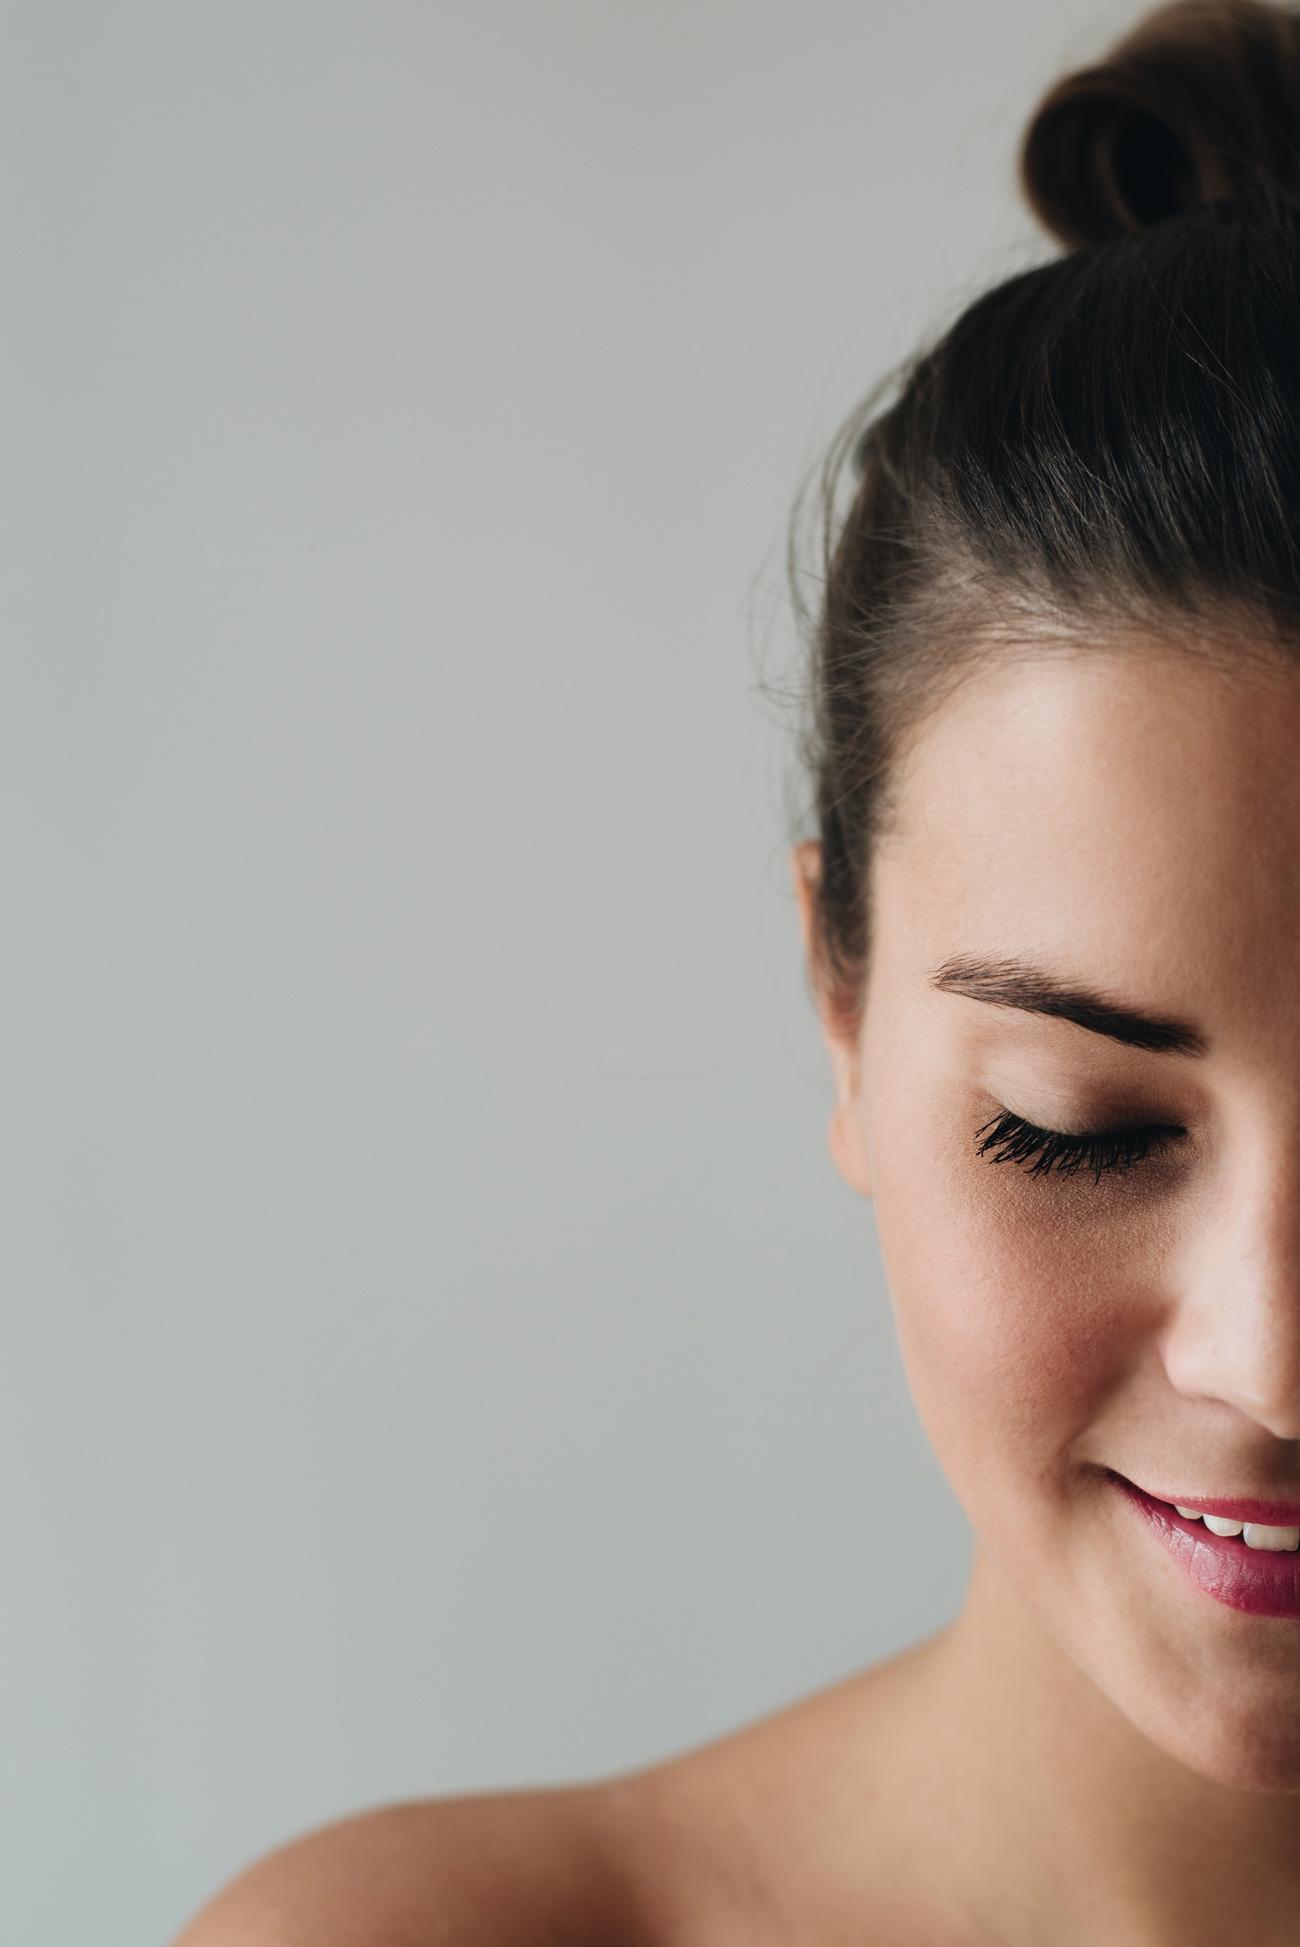 die-besten-pflege-stifte-für-die-lippen-nina-schwichtenberg-fashiioncarpet